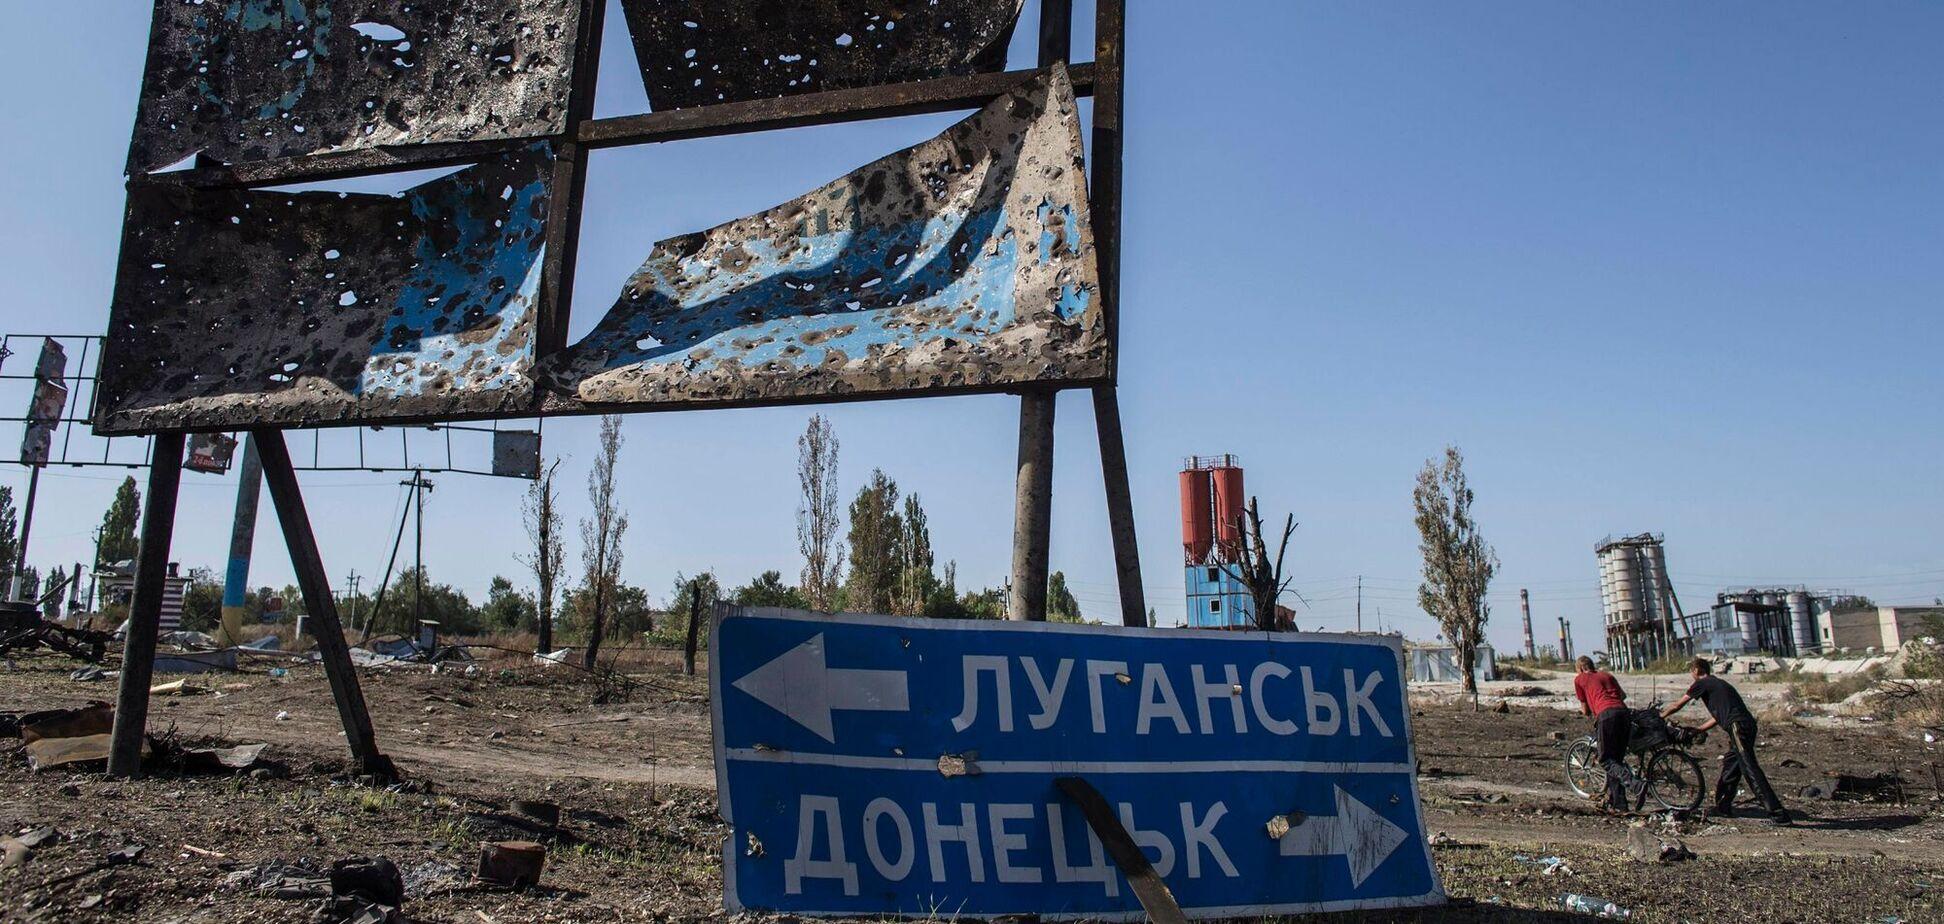 Україна перегляне п'ять сценаріїв розвитку ситуації на Донбасі, – Данілов